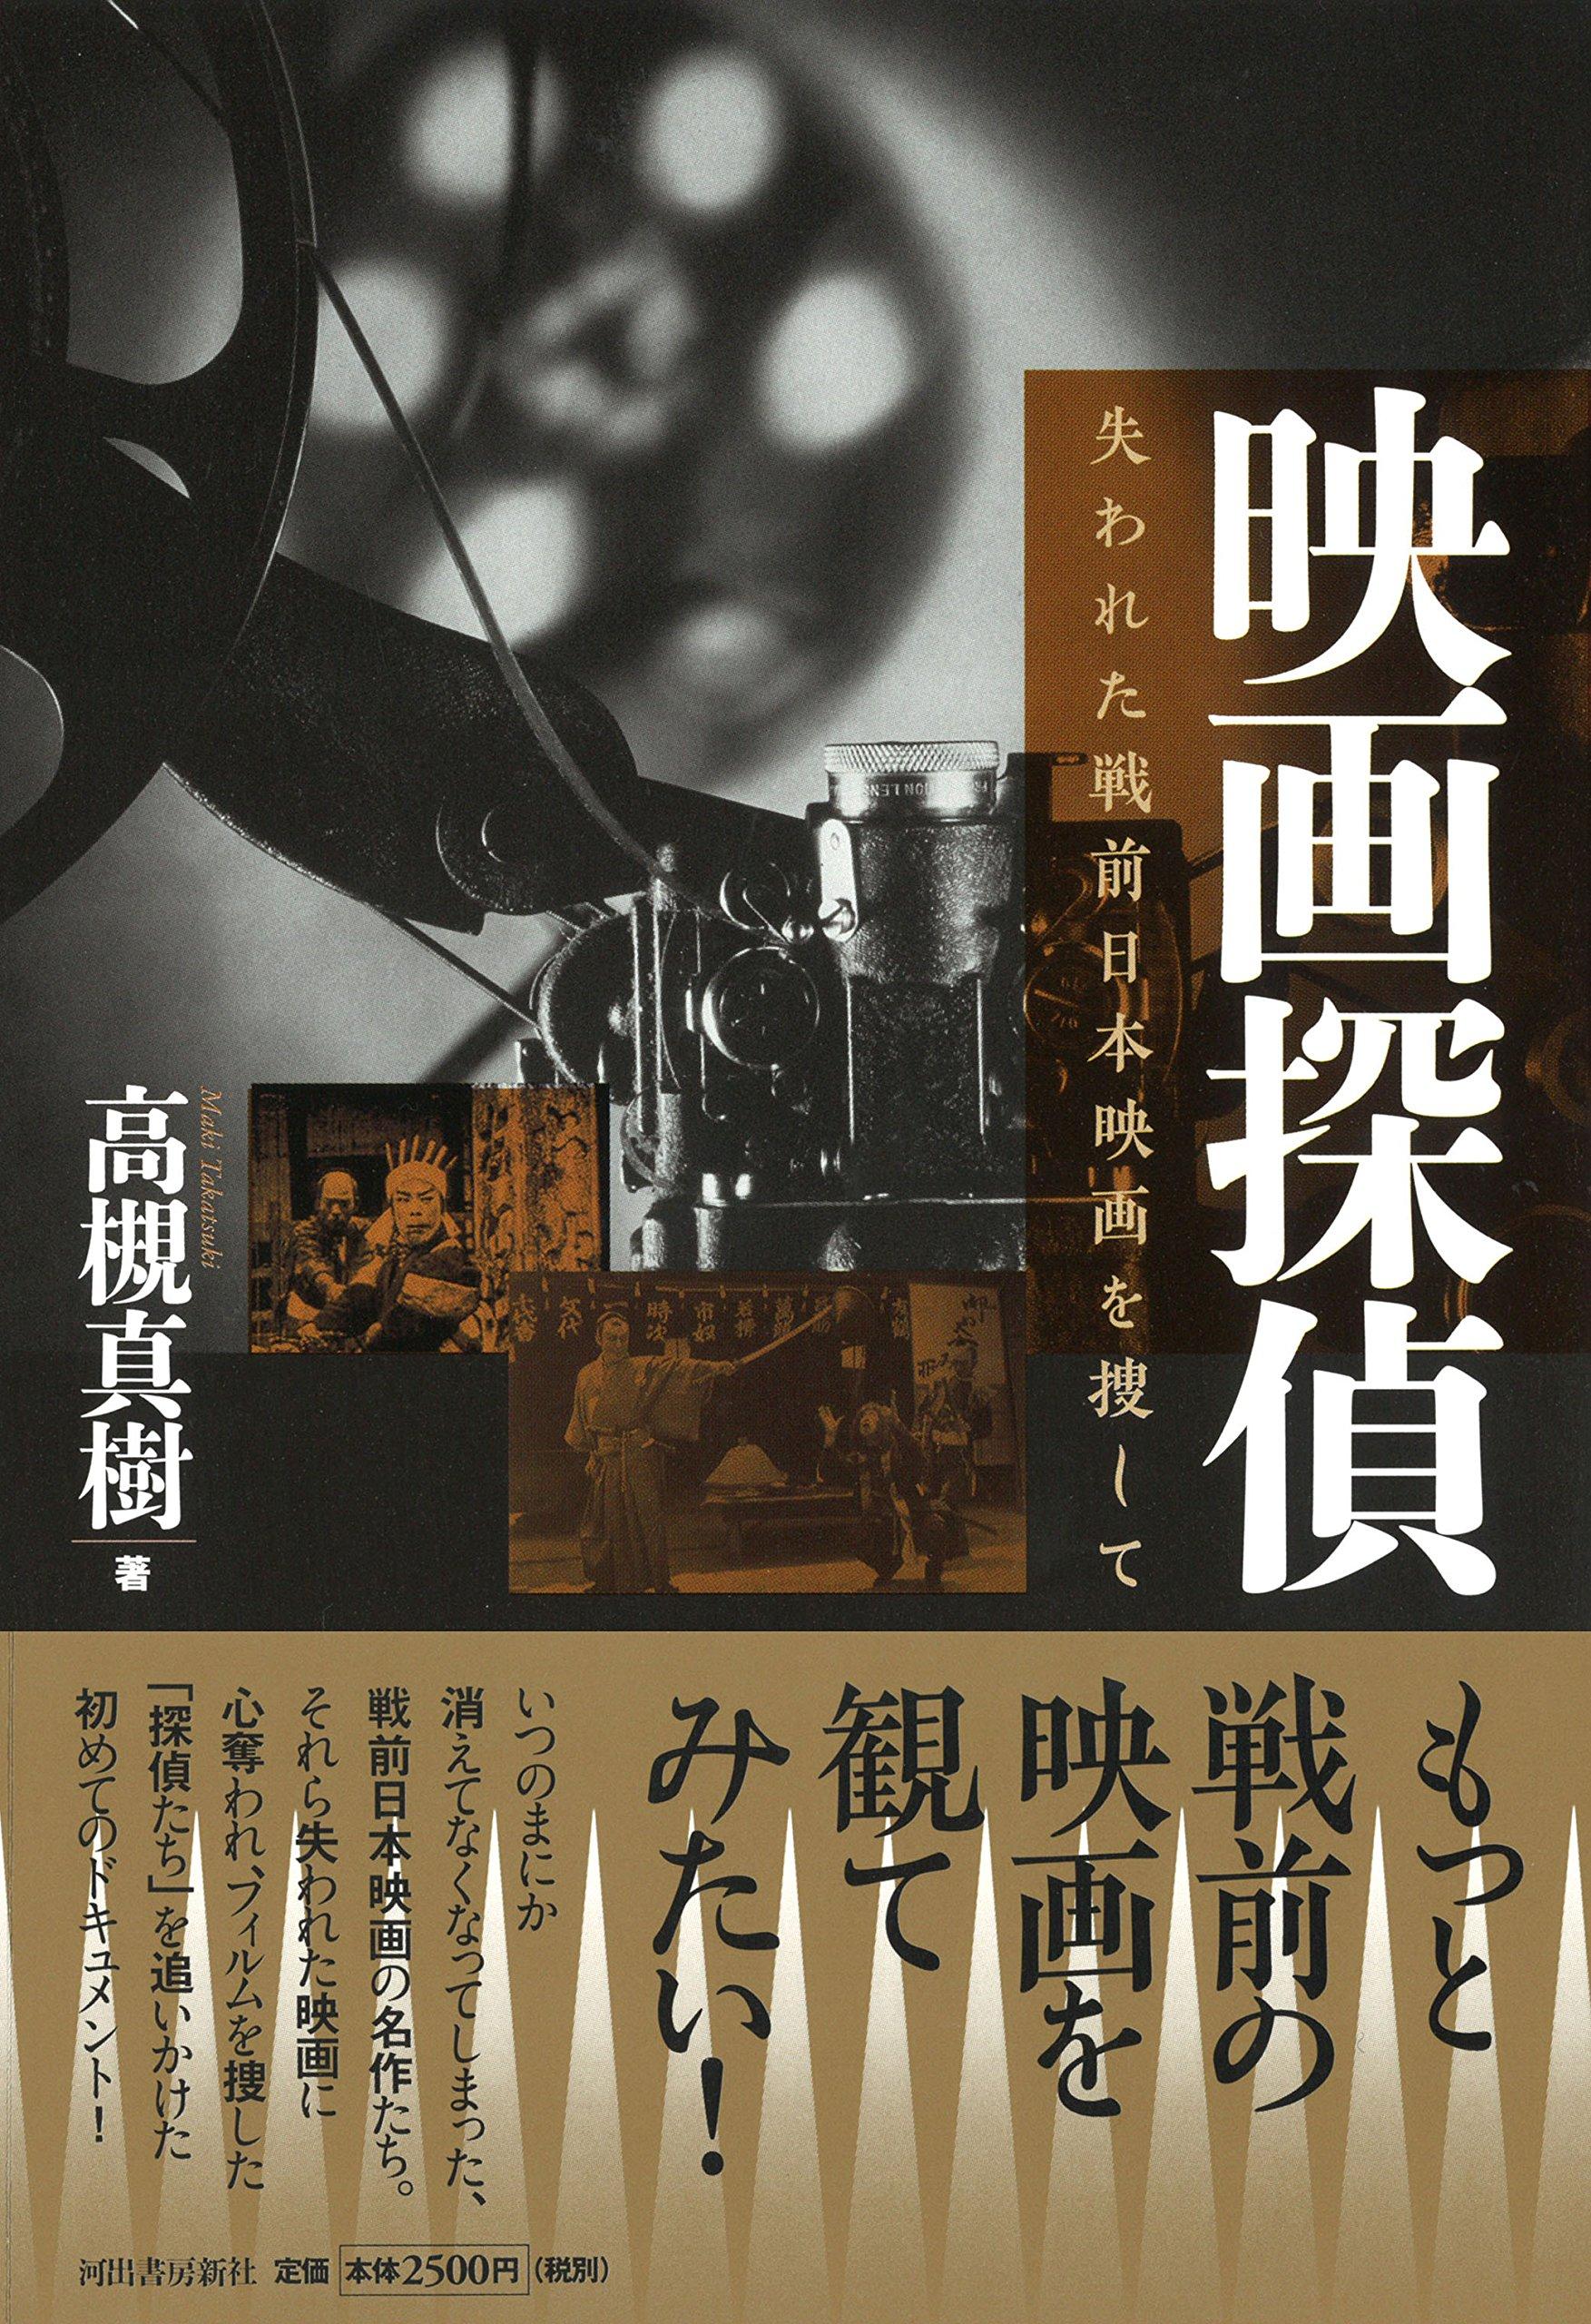 映画探偵: 失われた戦前日本映画...